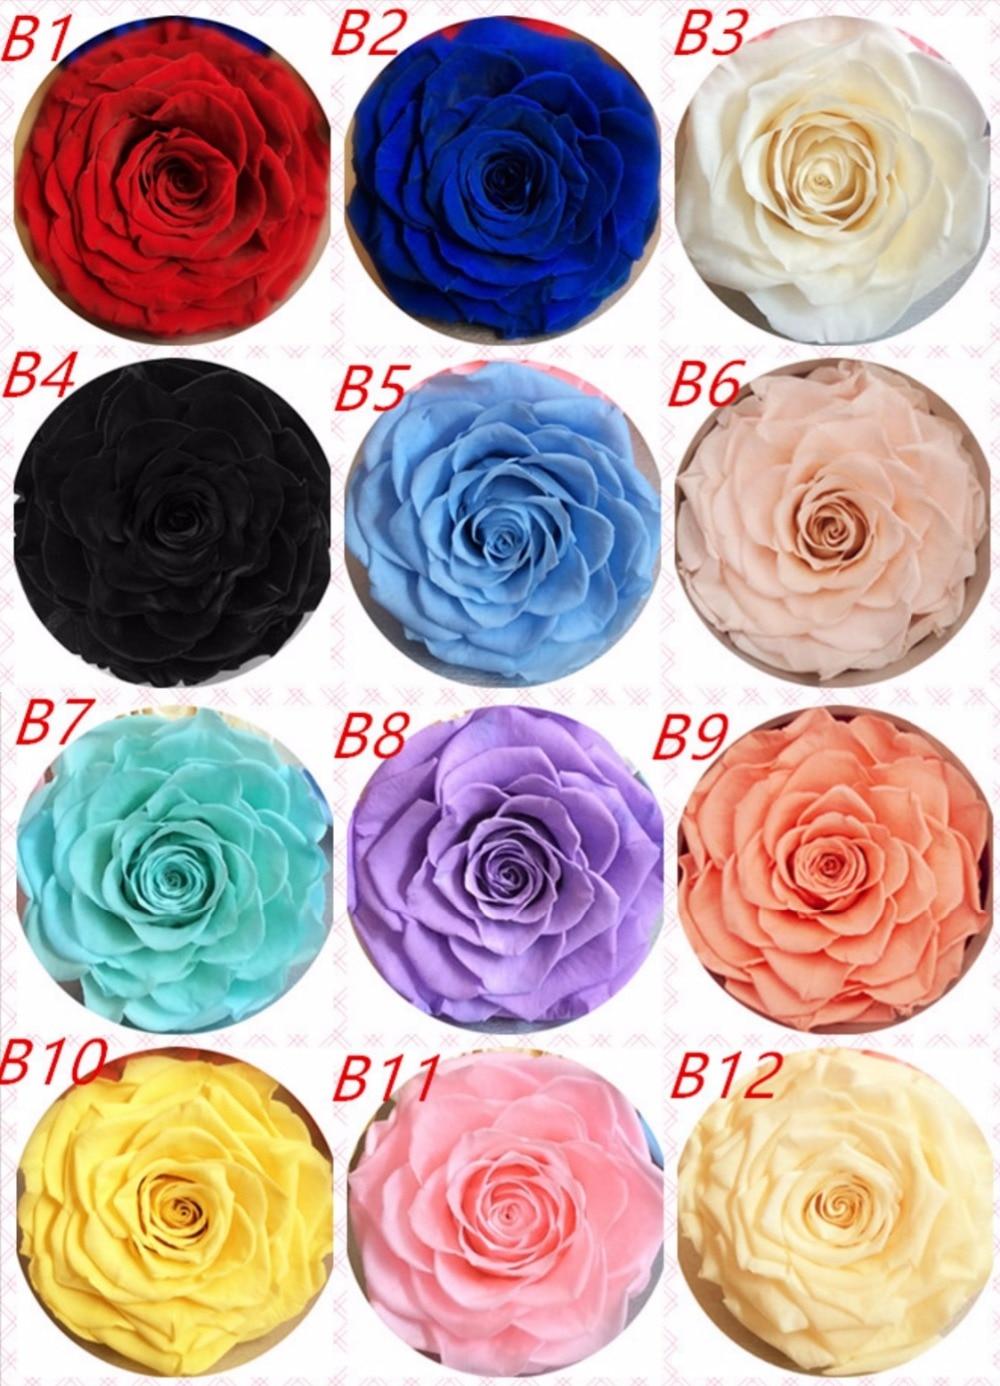 9-10cm păstrat Rose de trandafiri Bud Head pentru petrecerea nunții - Produse pentru sărbători și petreceri